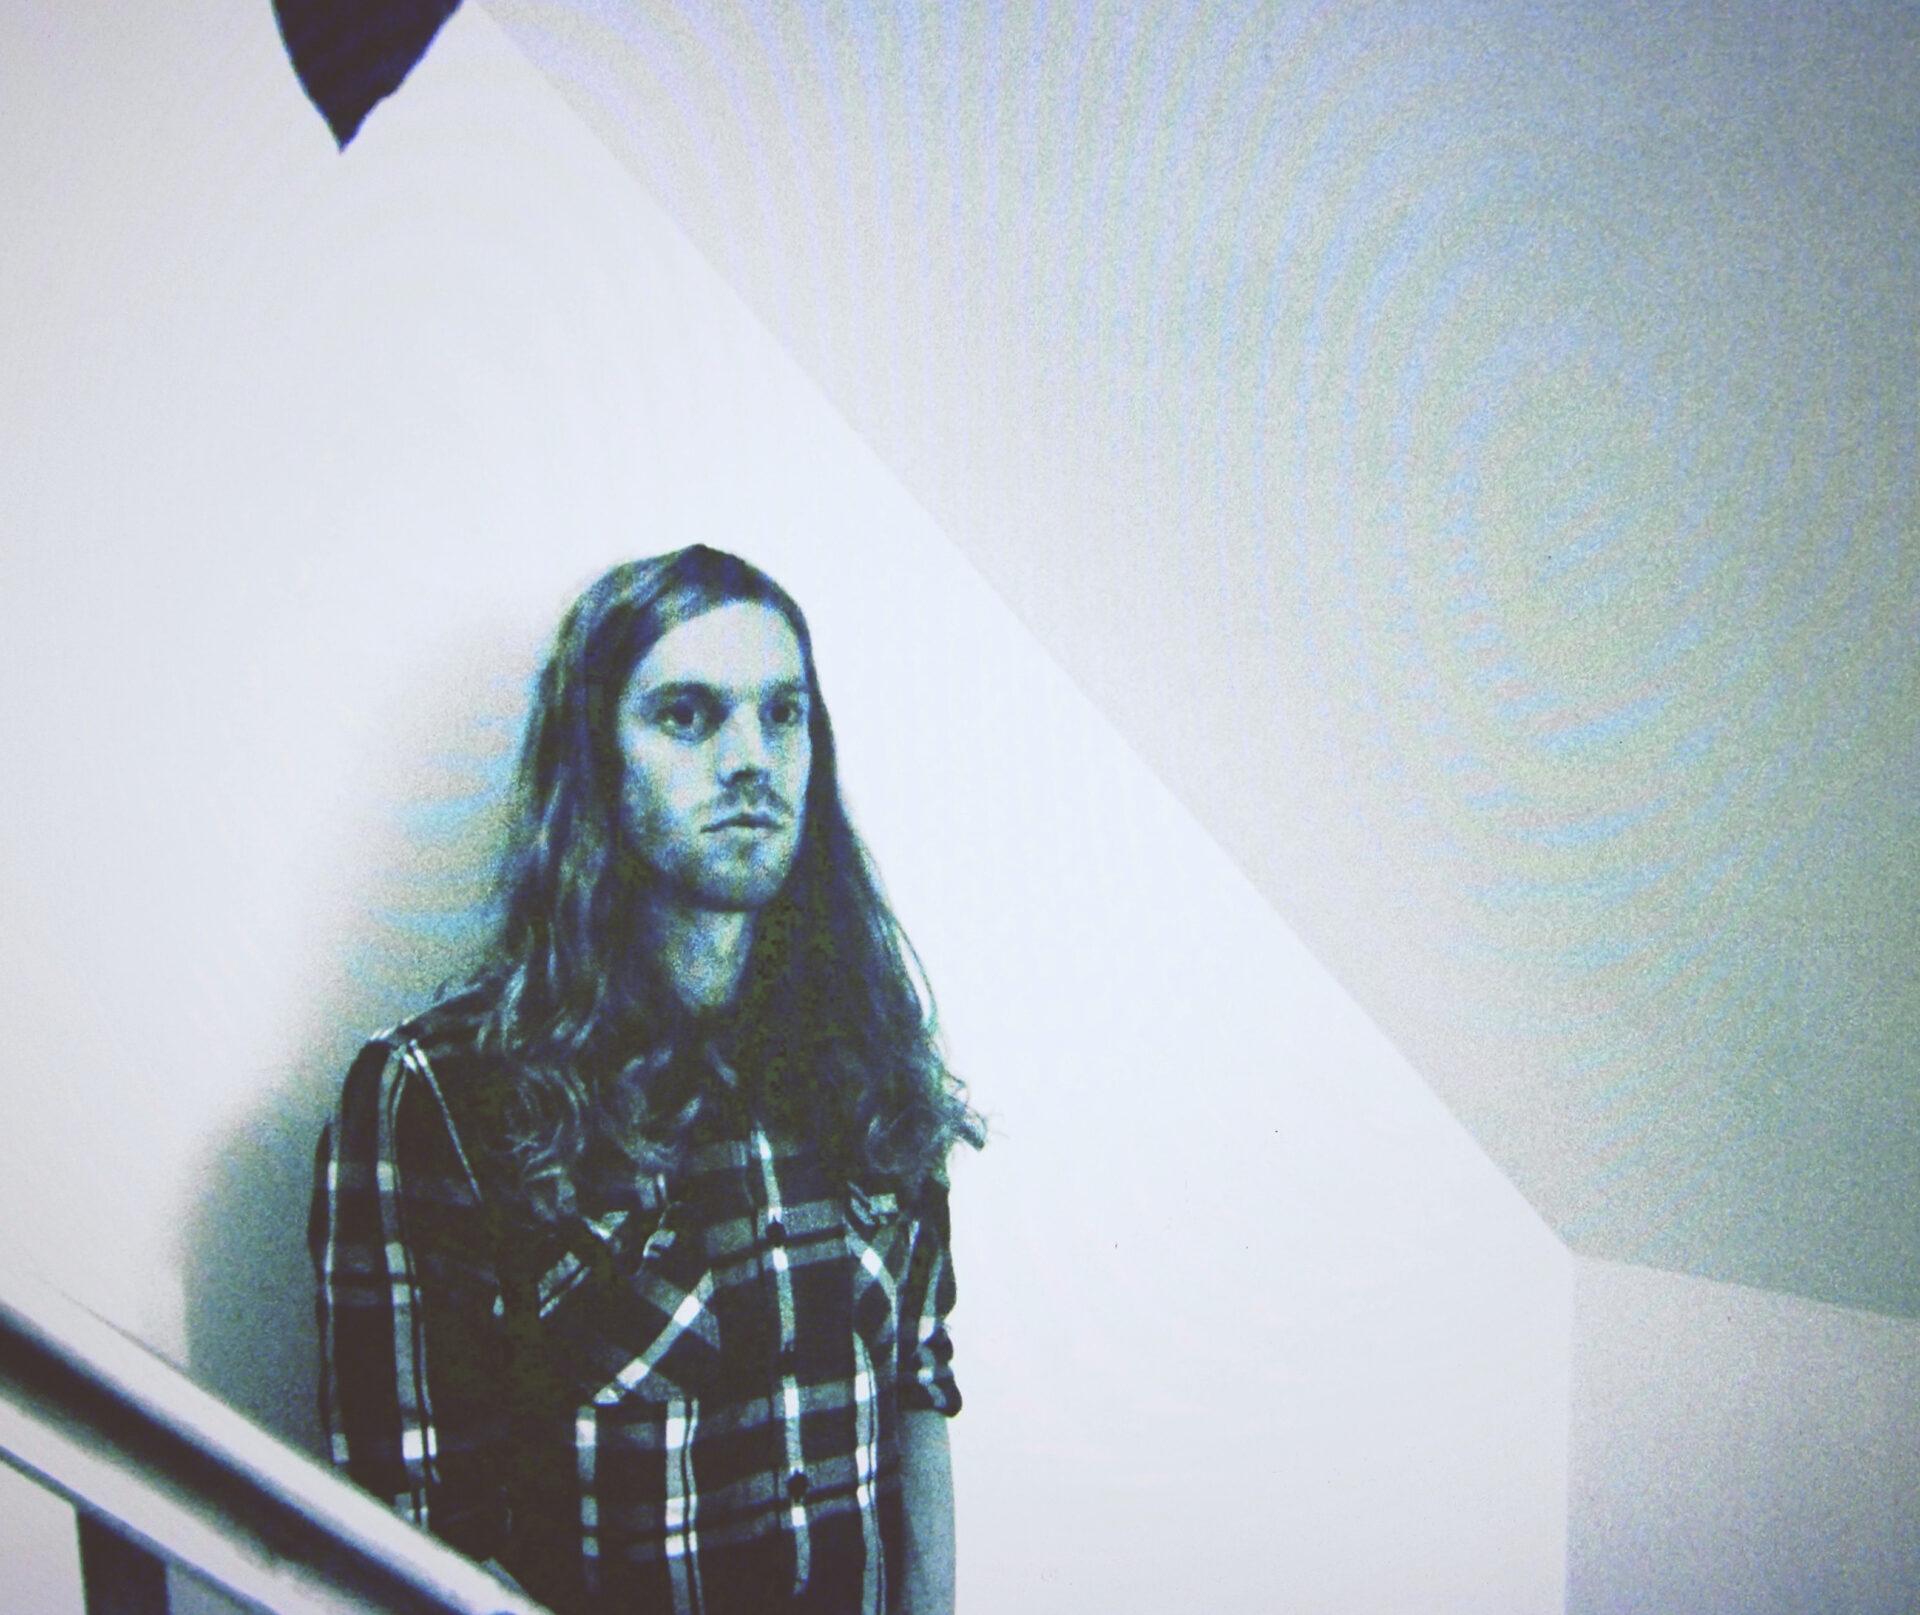 NEWS: R.Seiliog shares 'Opal Drift' from forthcoming album 'Megadoze'